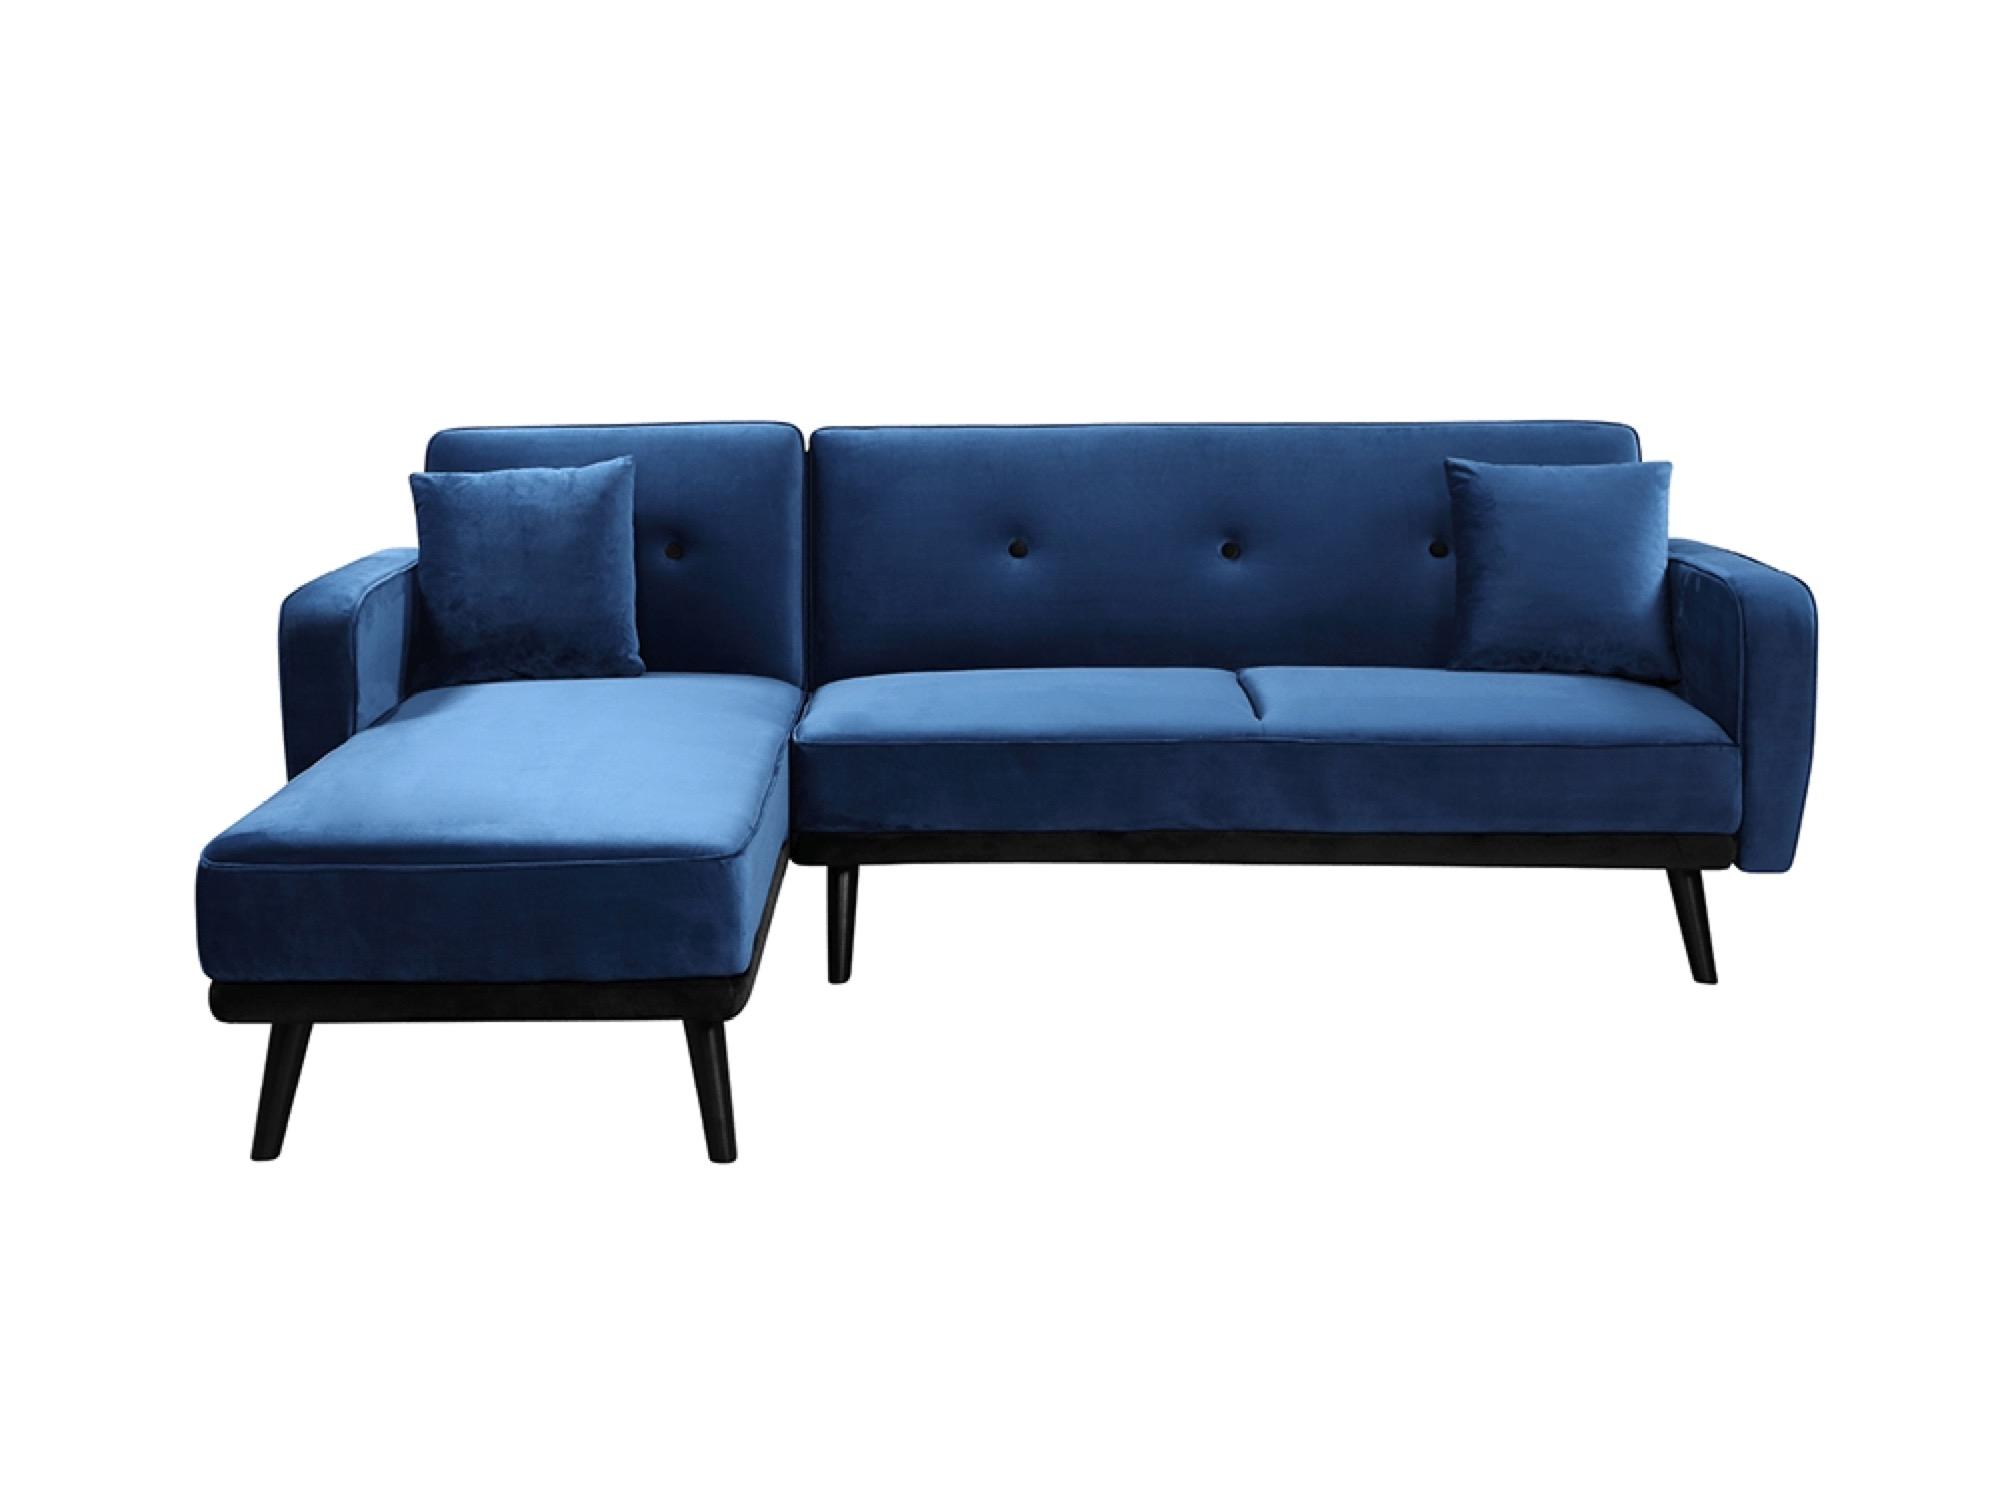 Canapé d'angle Bleu Velours Design Confort